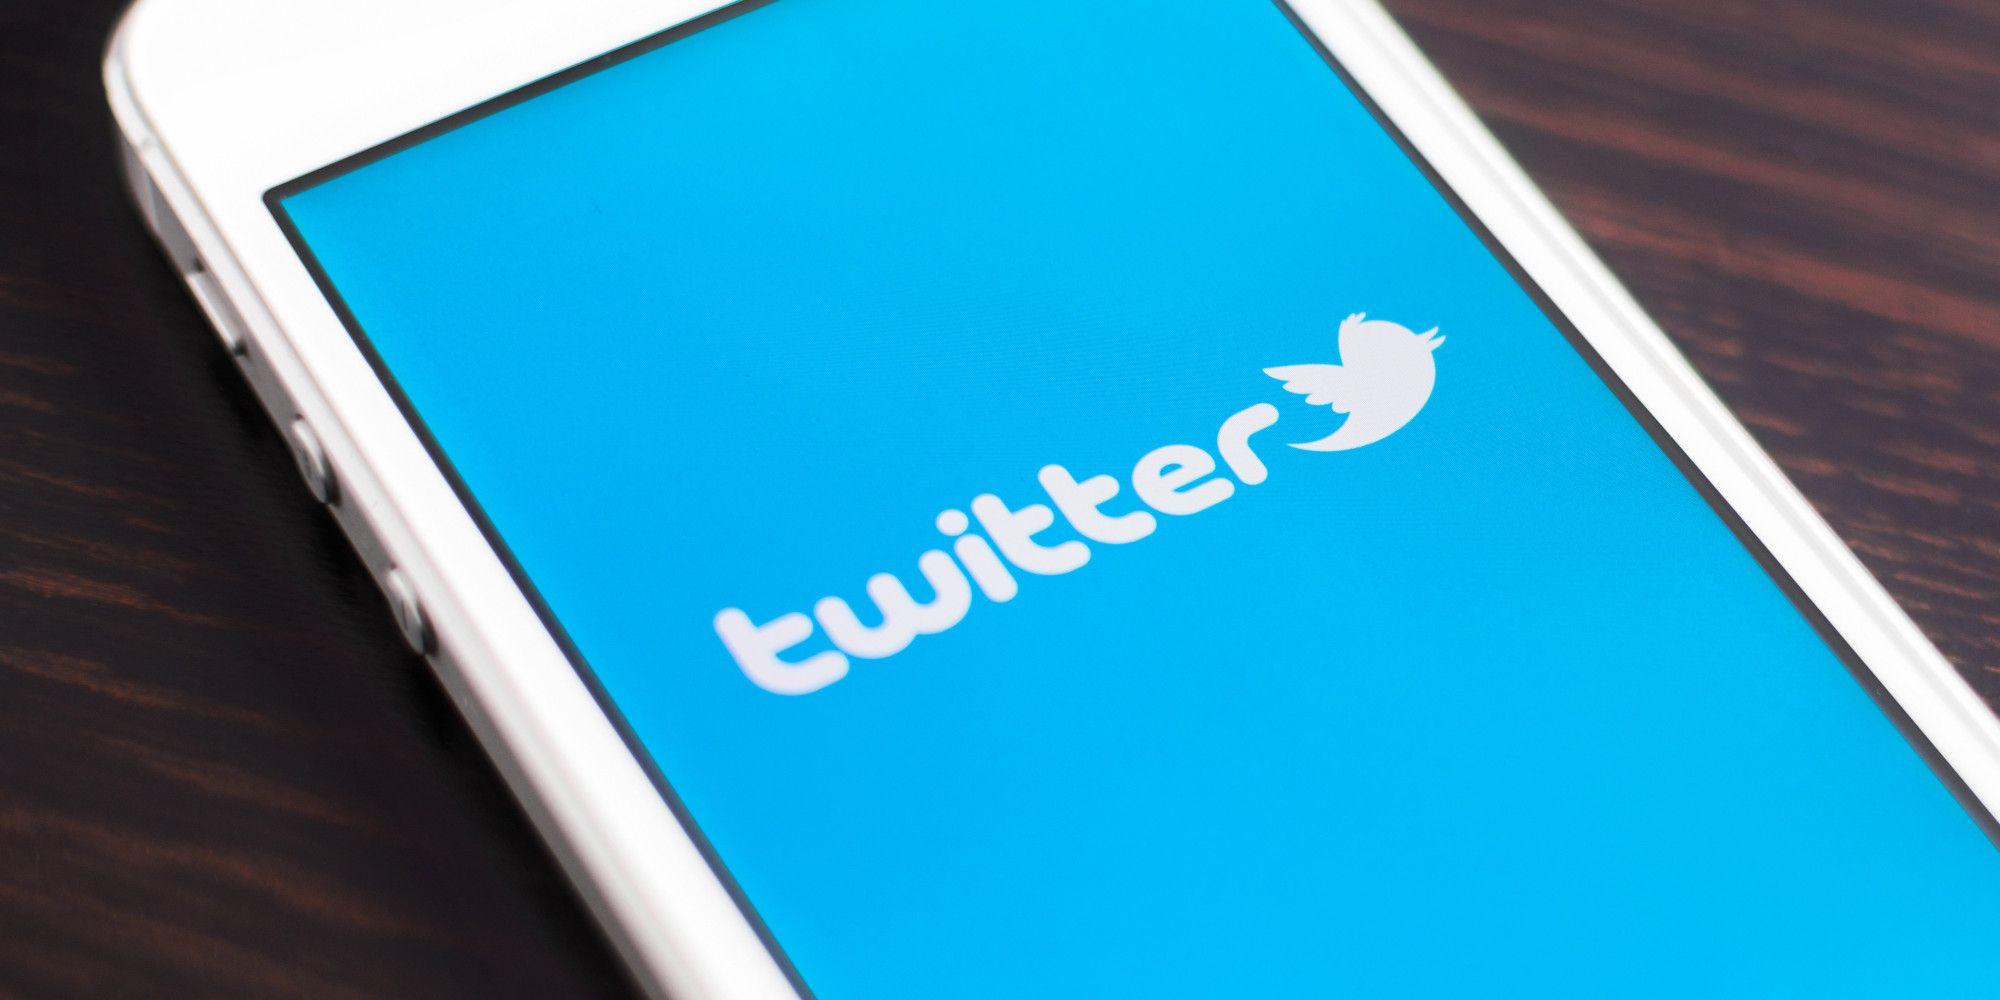 Parece que hubo razzia de trolls en Twitter pero algunos la ligaron de rebote